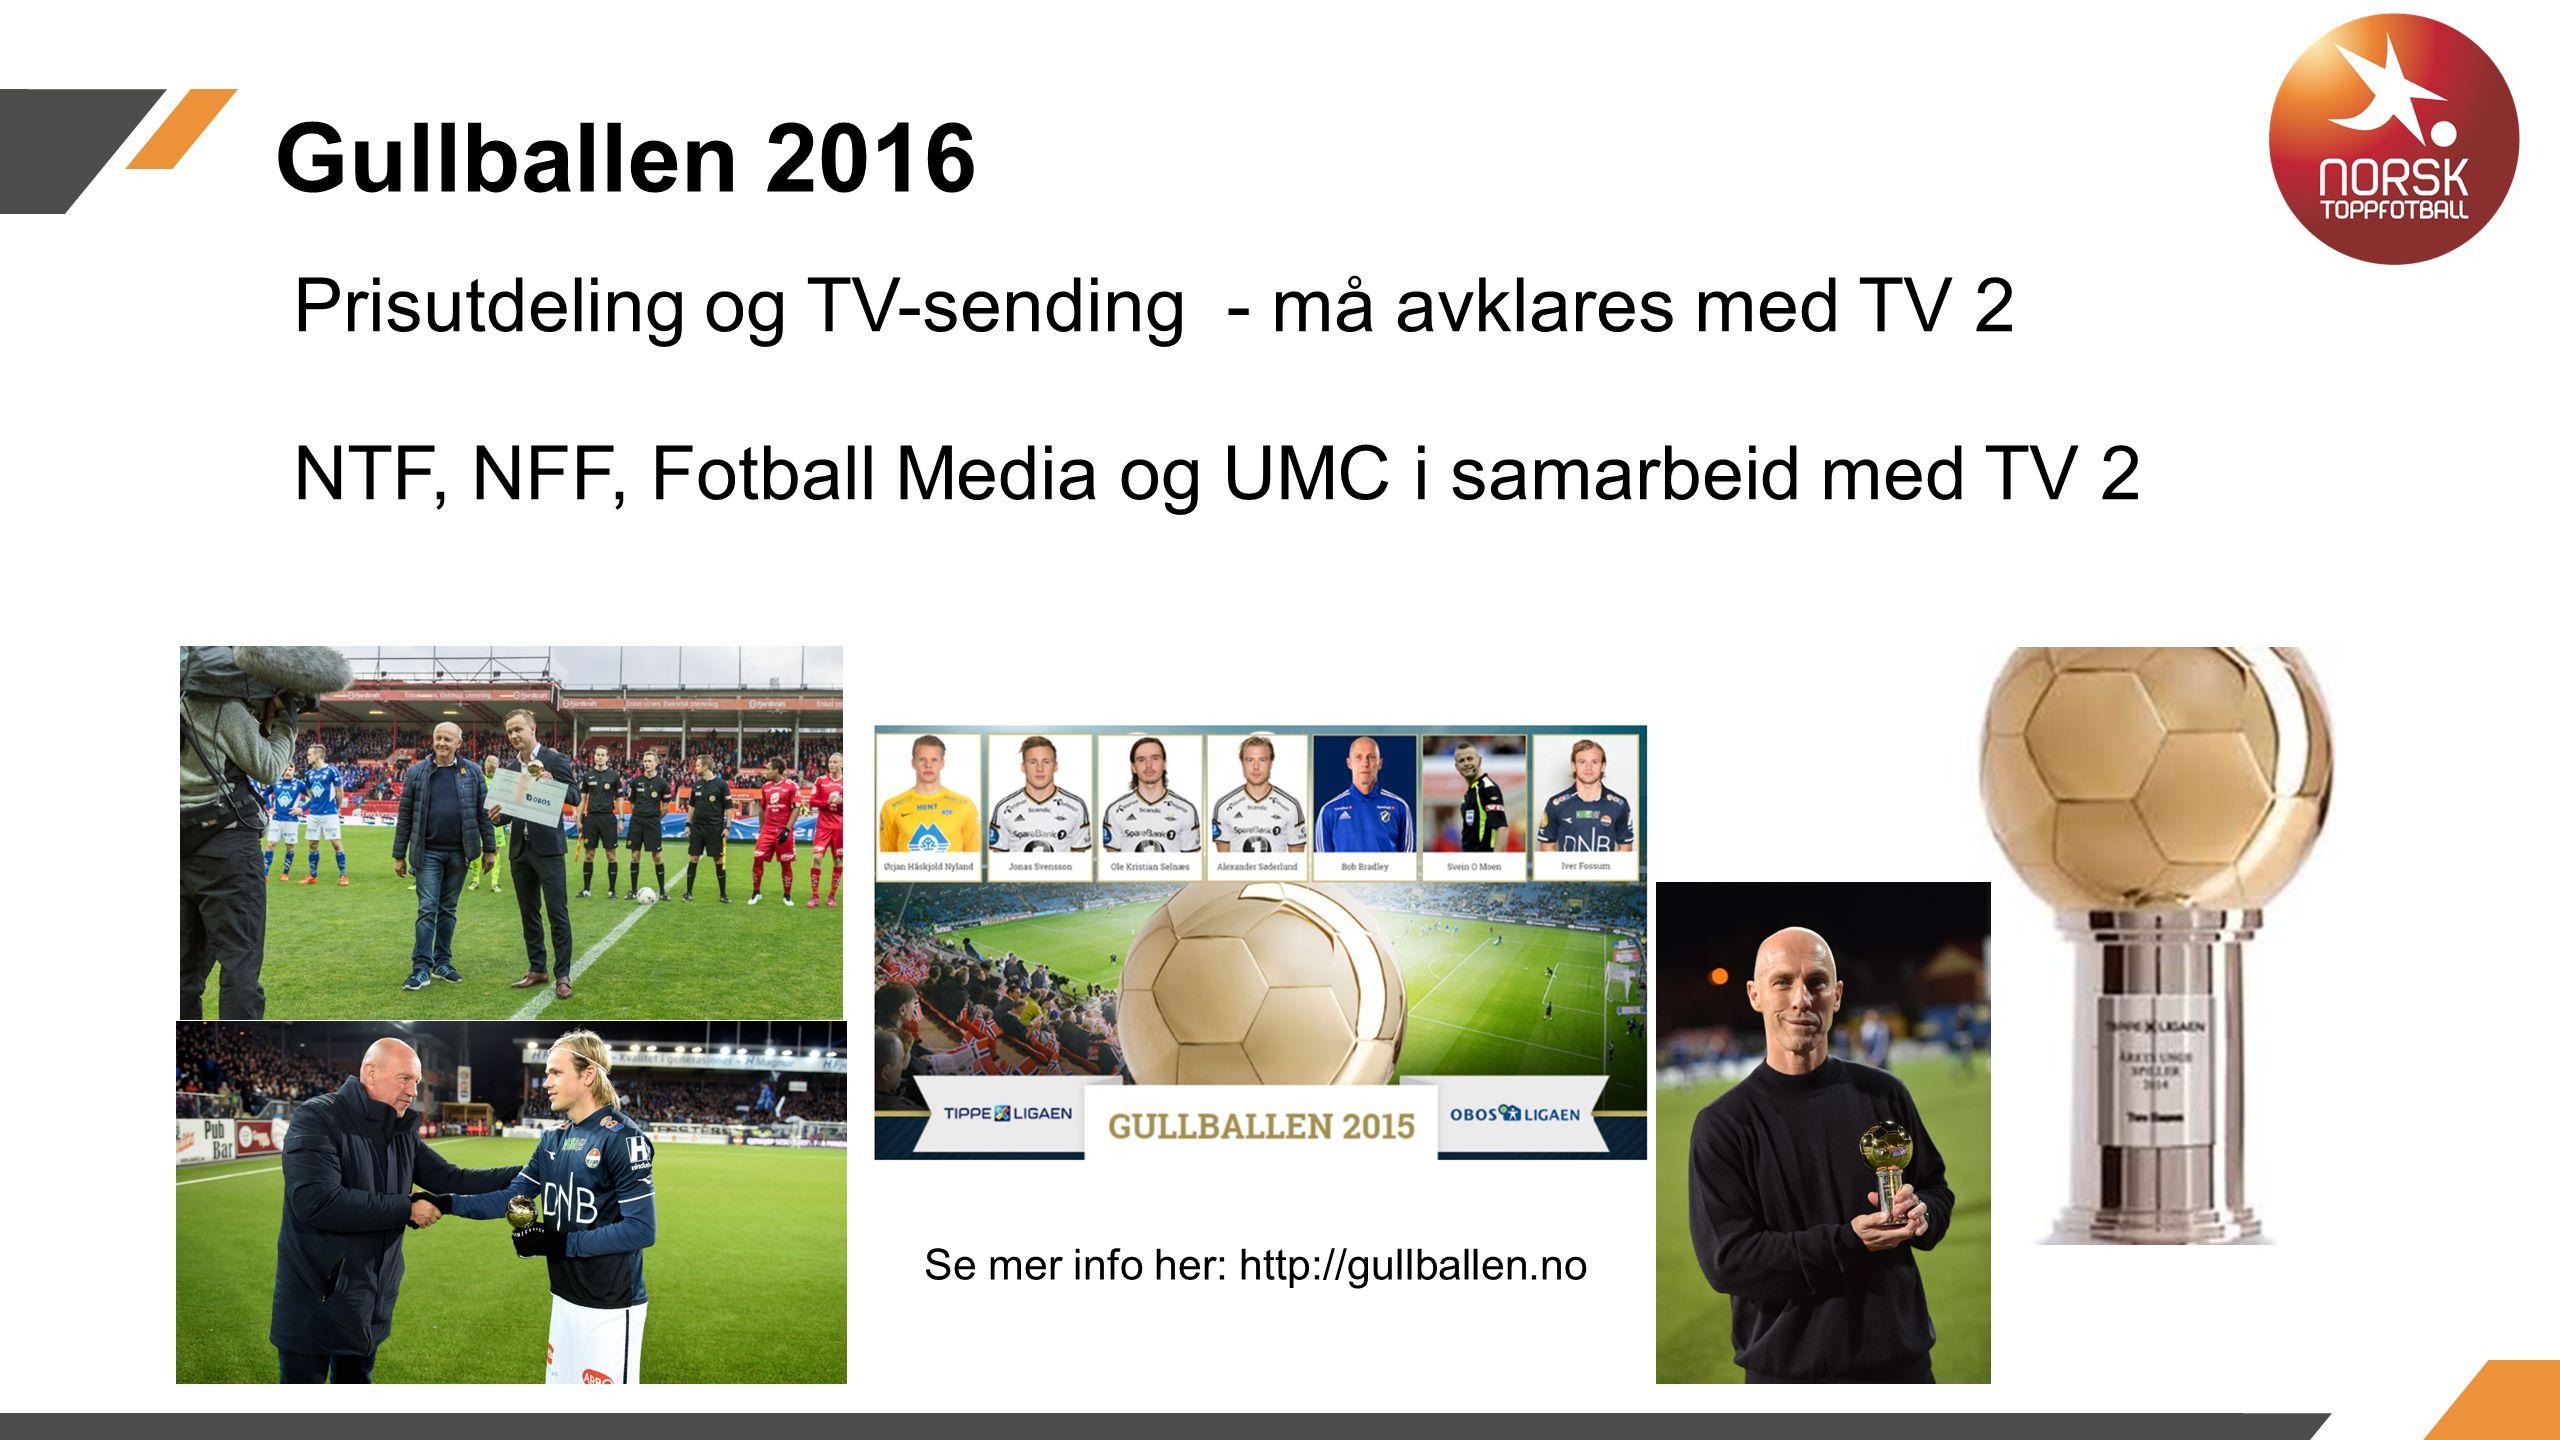 Prisutdeling og TV-sending - må avklares med TV 2 NTF, NFF, Fotball Media og UMC i samarbeid med TV 2 Gullballen 2016 Se mer info her: http://gullballen.no